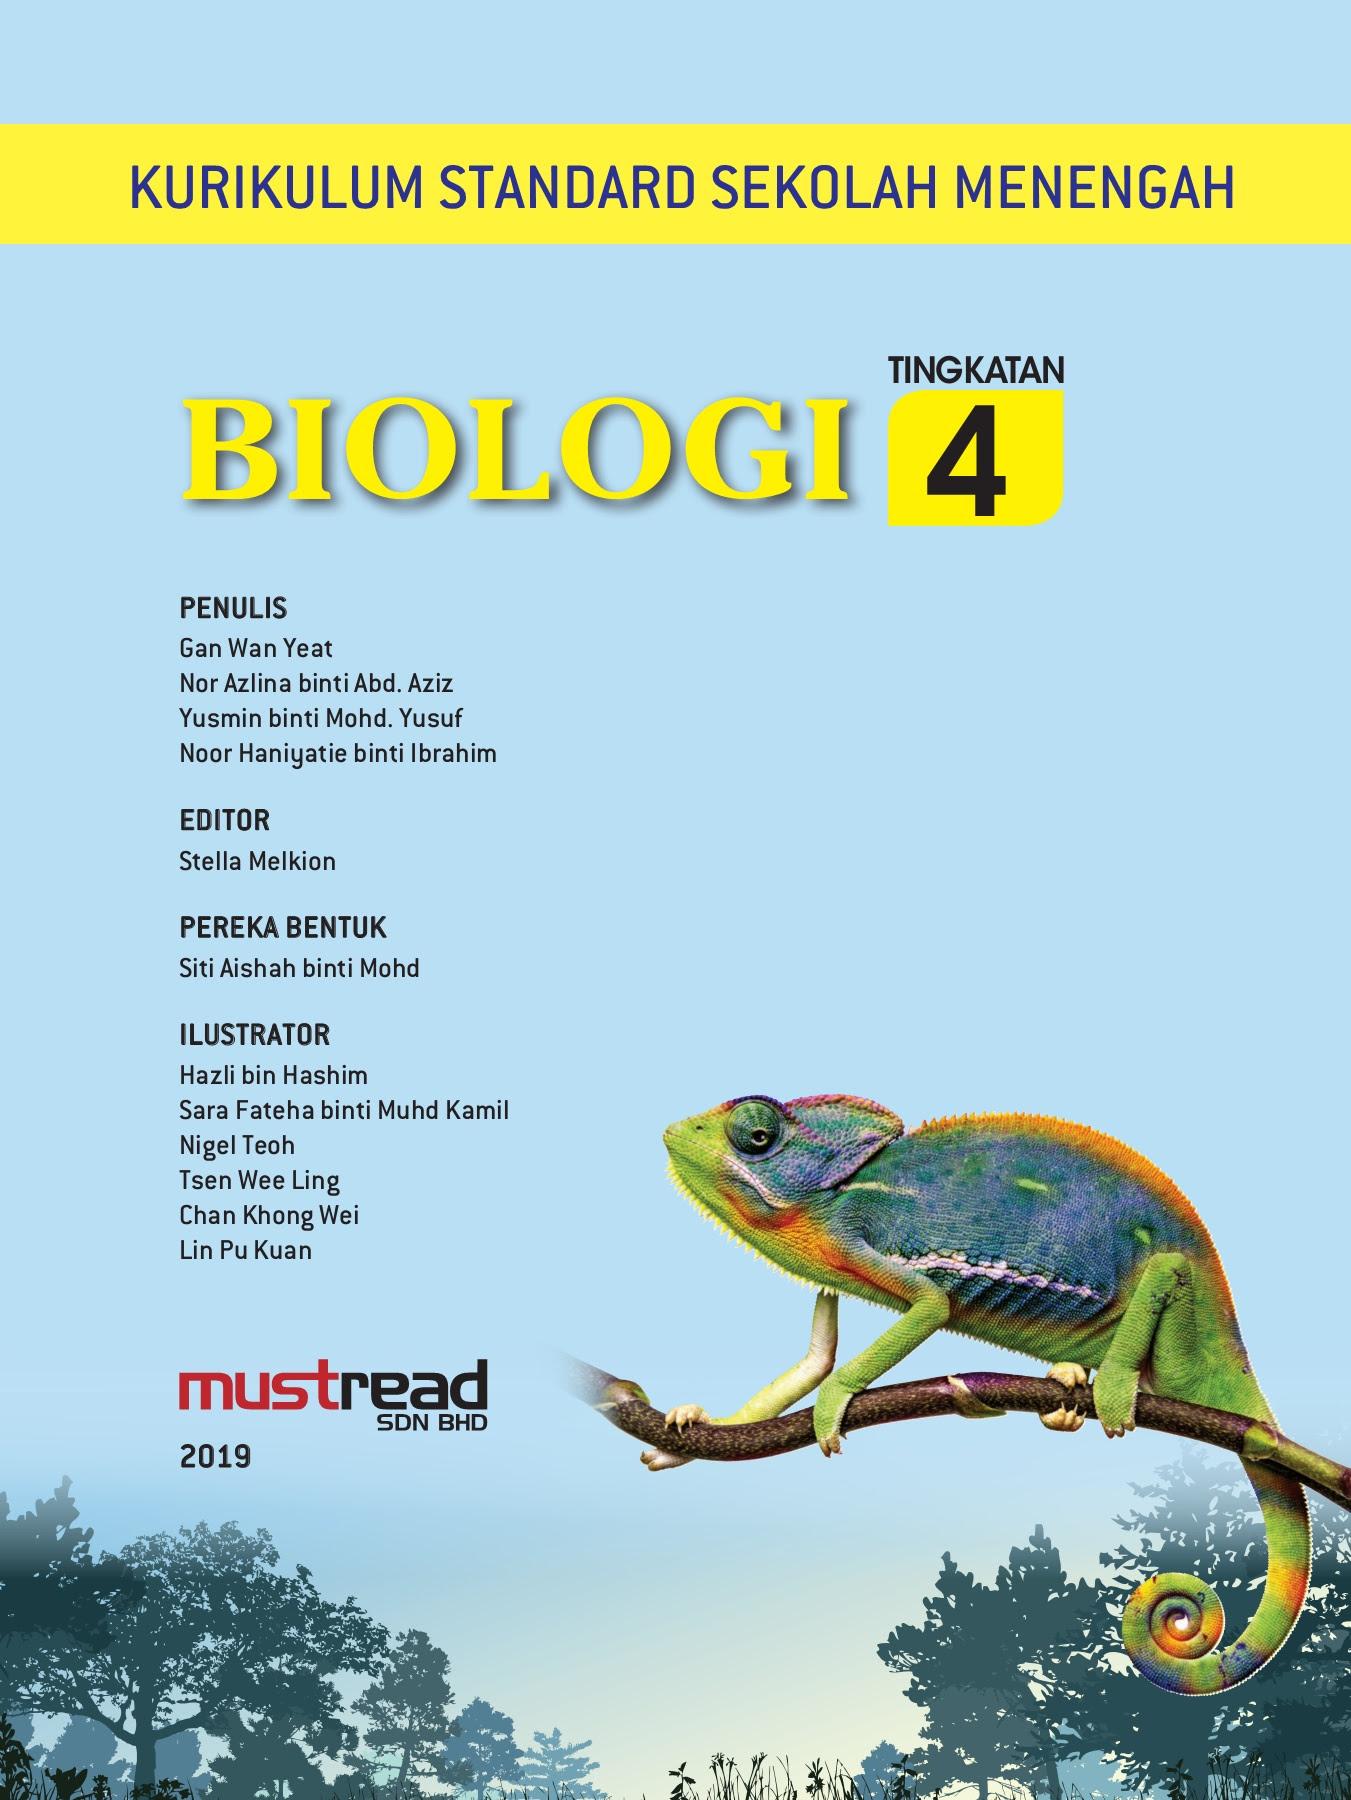 Buku Teks Biologi Kssm Tingkatan 4 Bab 1 Bab 7